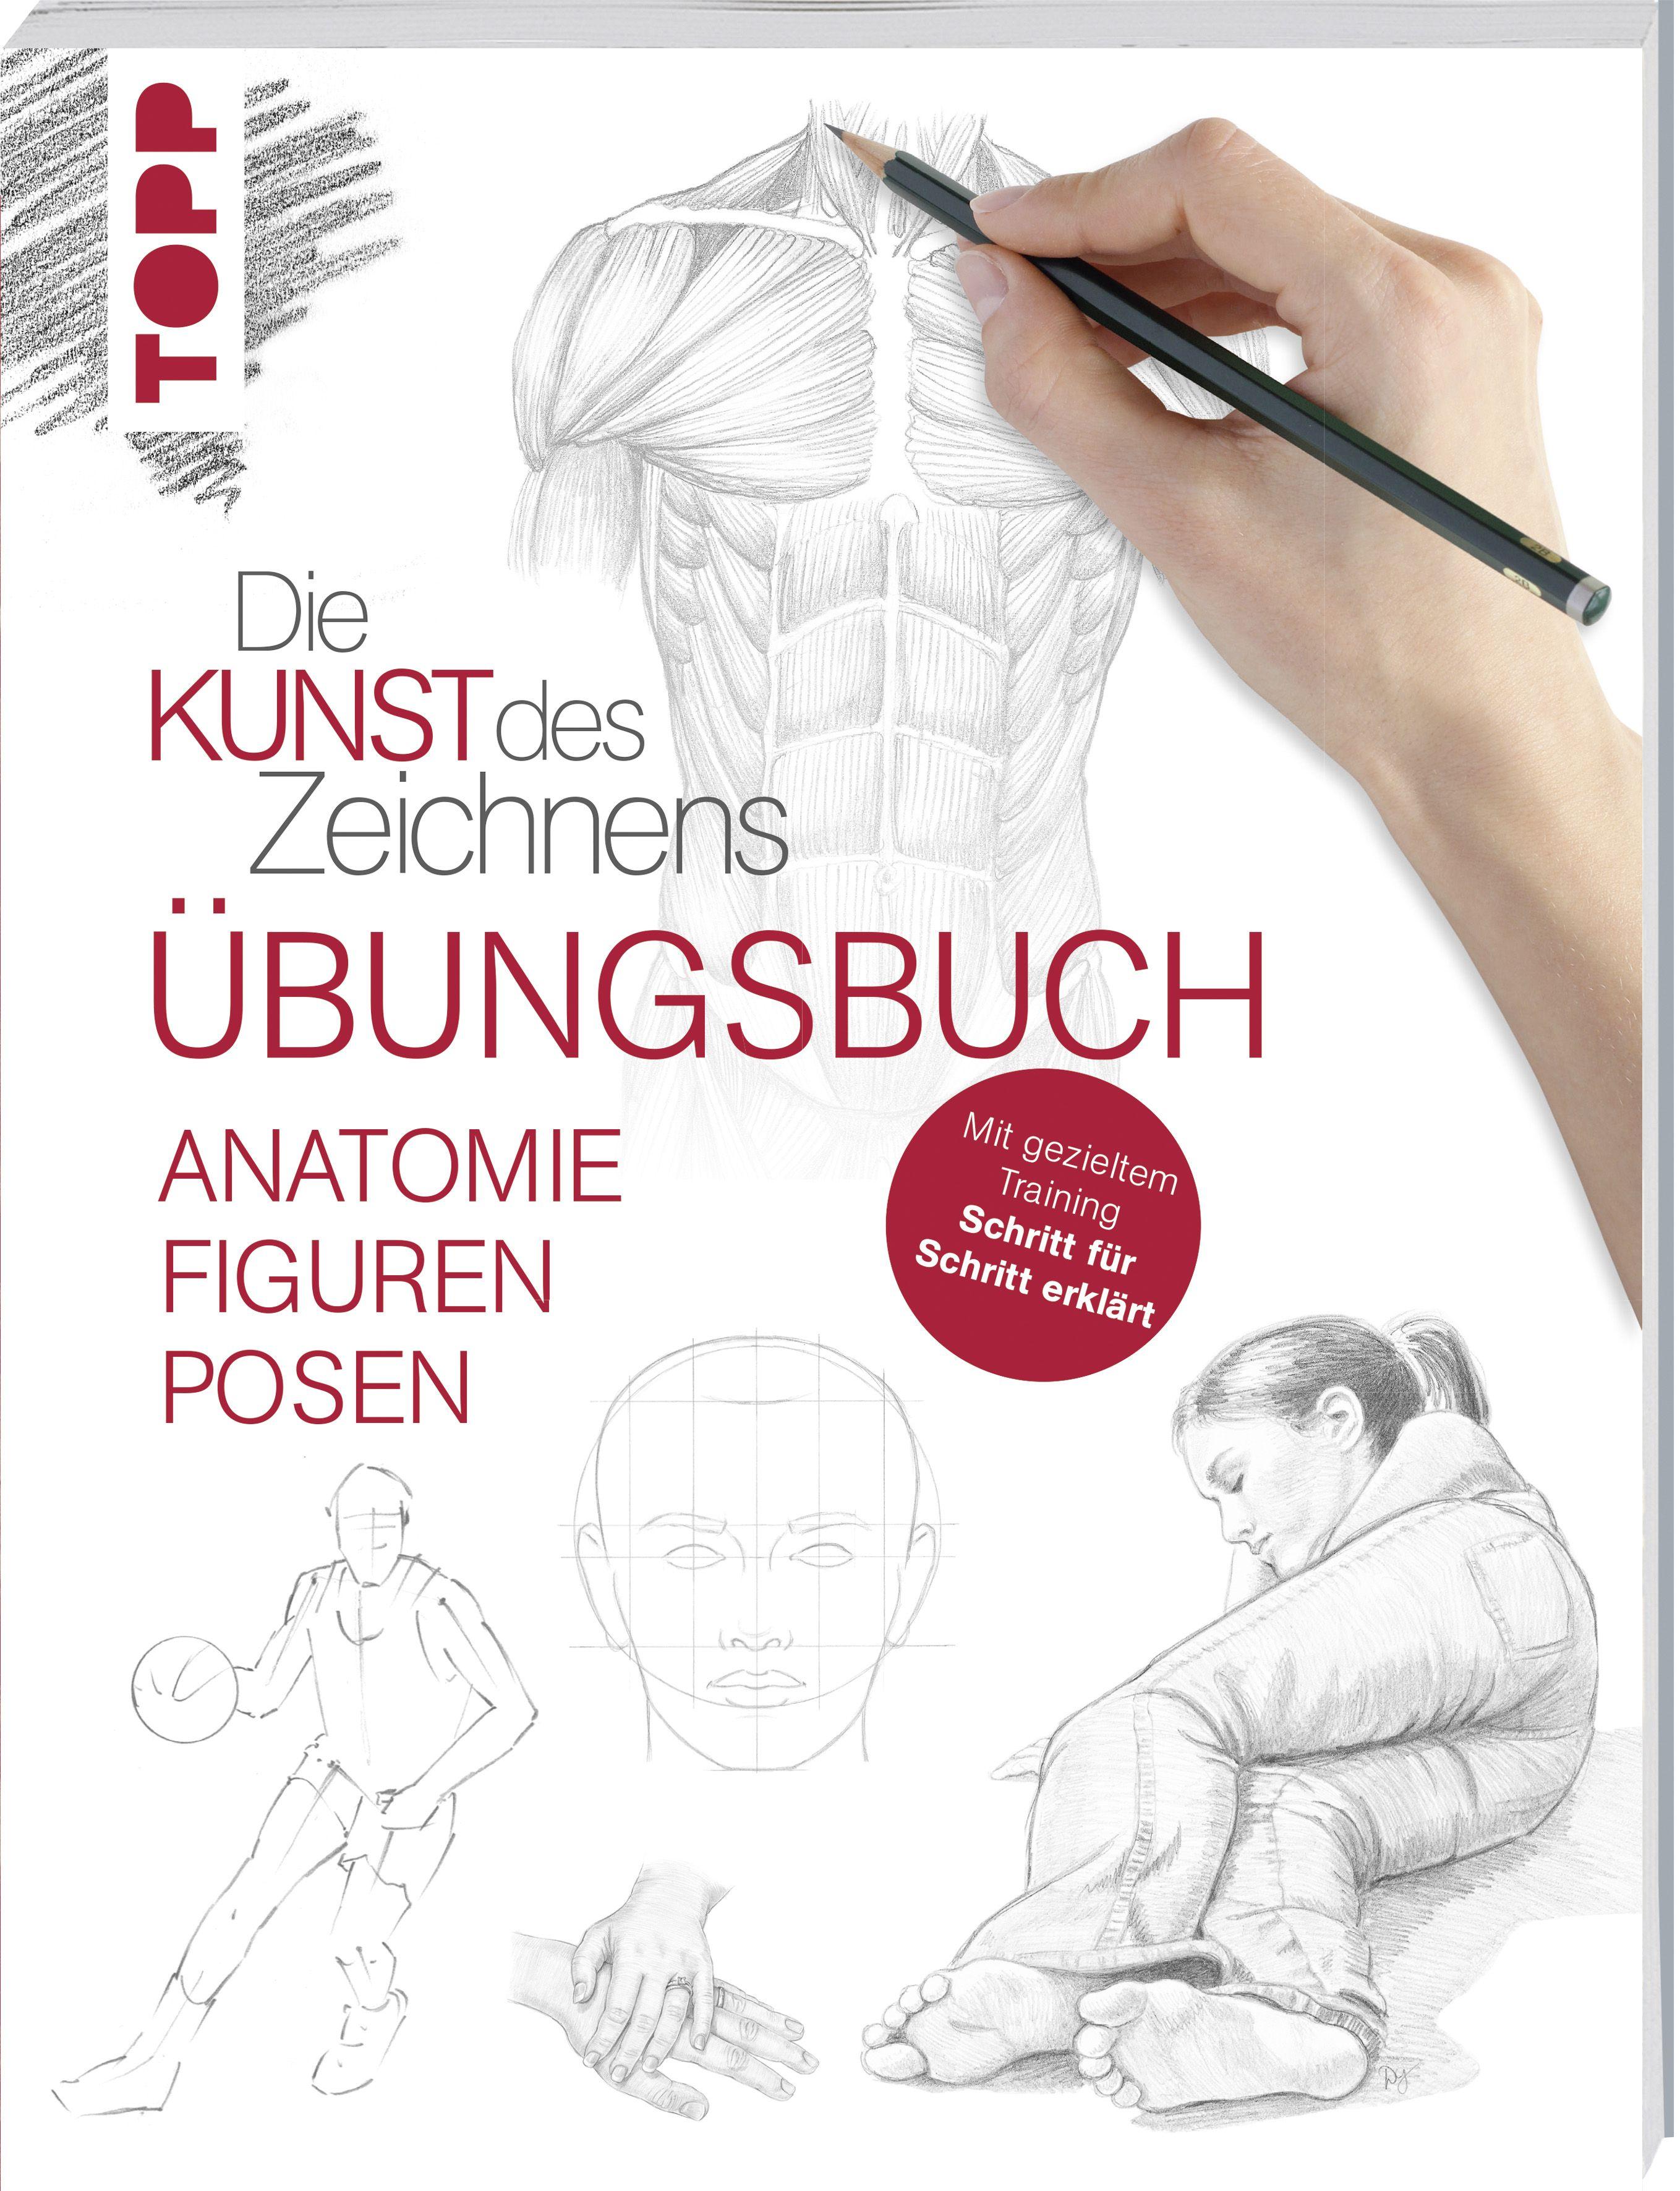 Charmant Anatomie Malbuch Online Galerie - Malvorlagen-Ideen ...